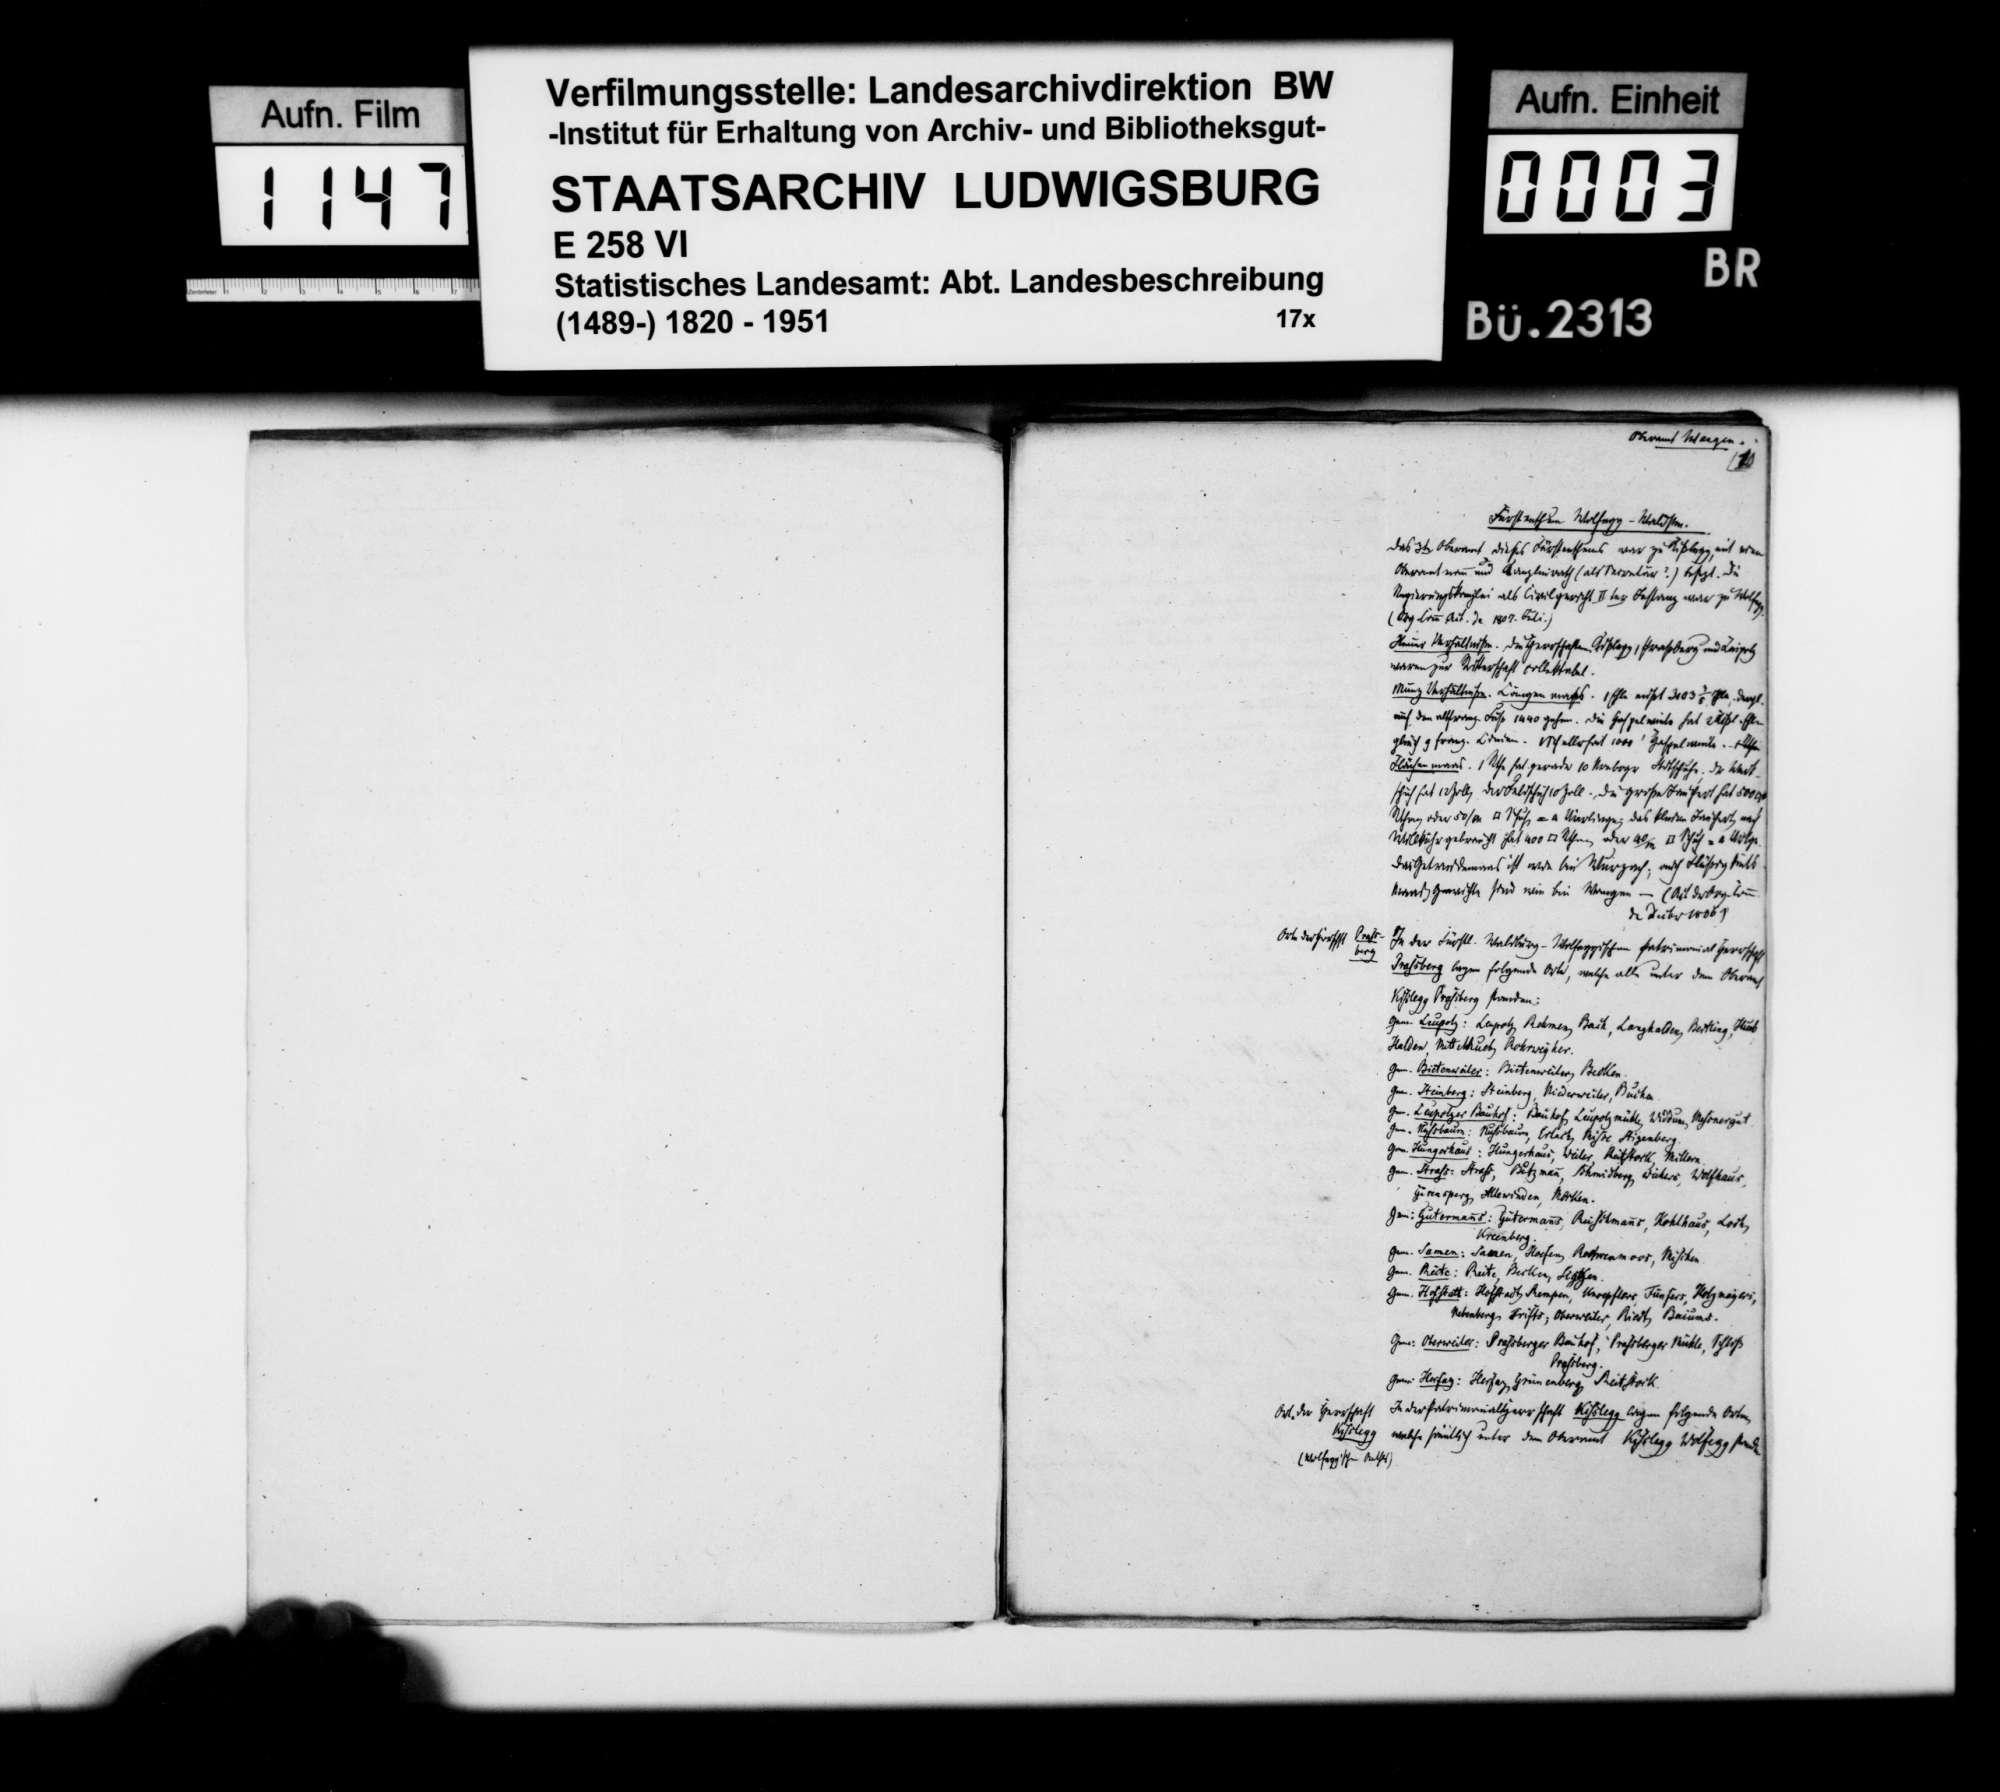 Notizen [der Kanzleiassistenten Heinrich Rigel und Klemm] zu den Bestandteilen des Oberamts, auch der OÄ Tettnang und Wangen, Bild 2